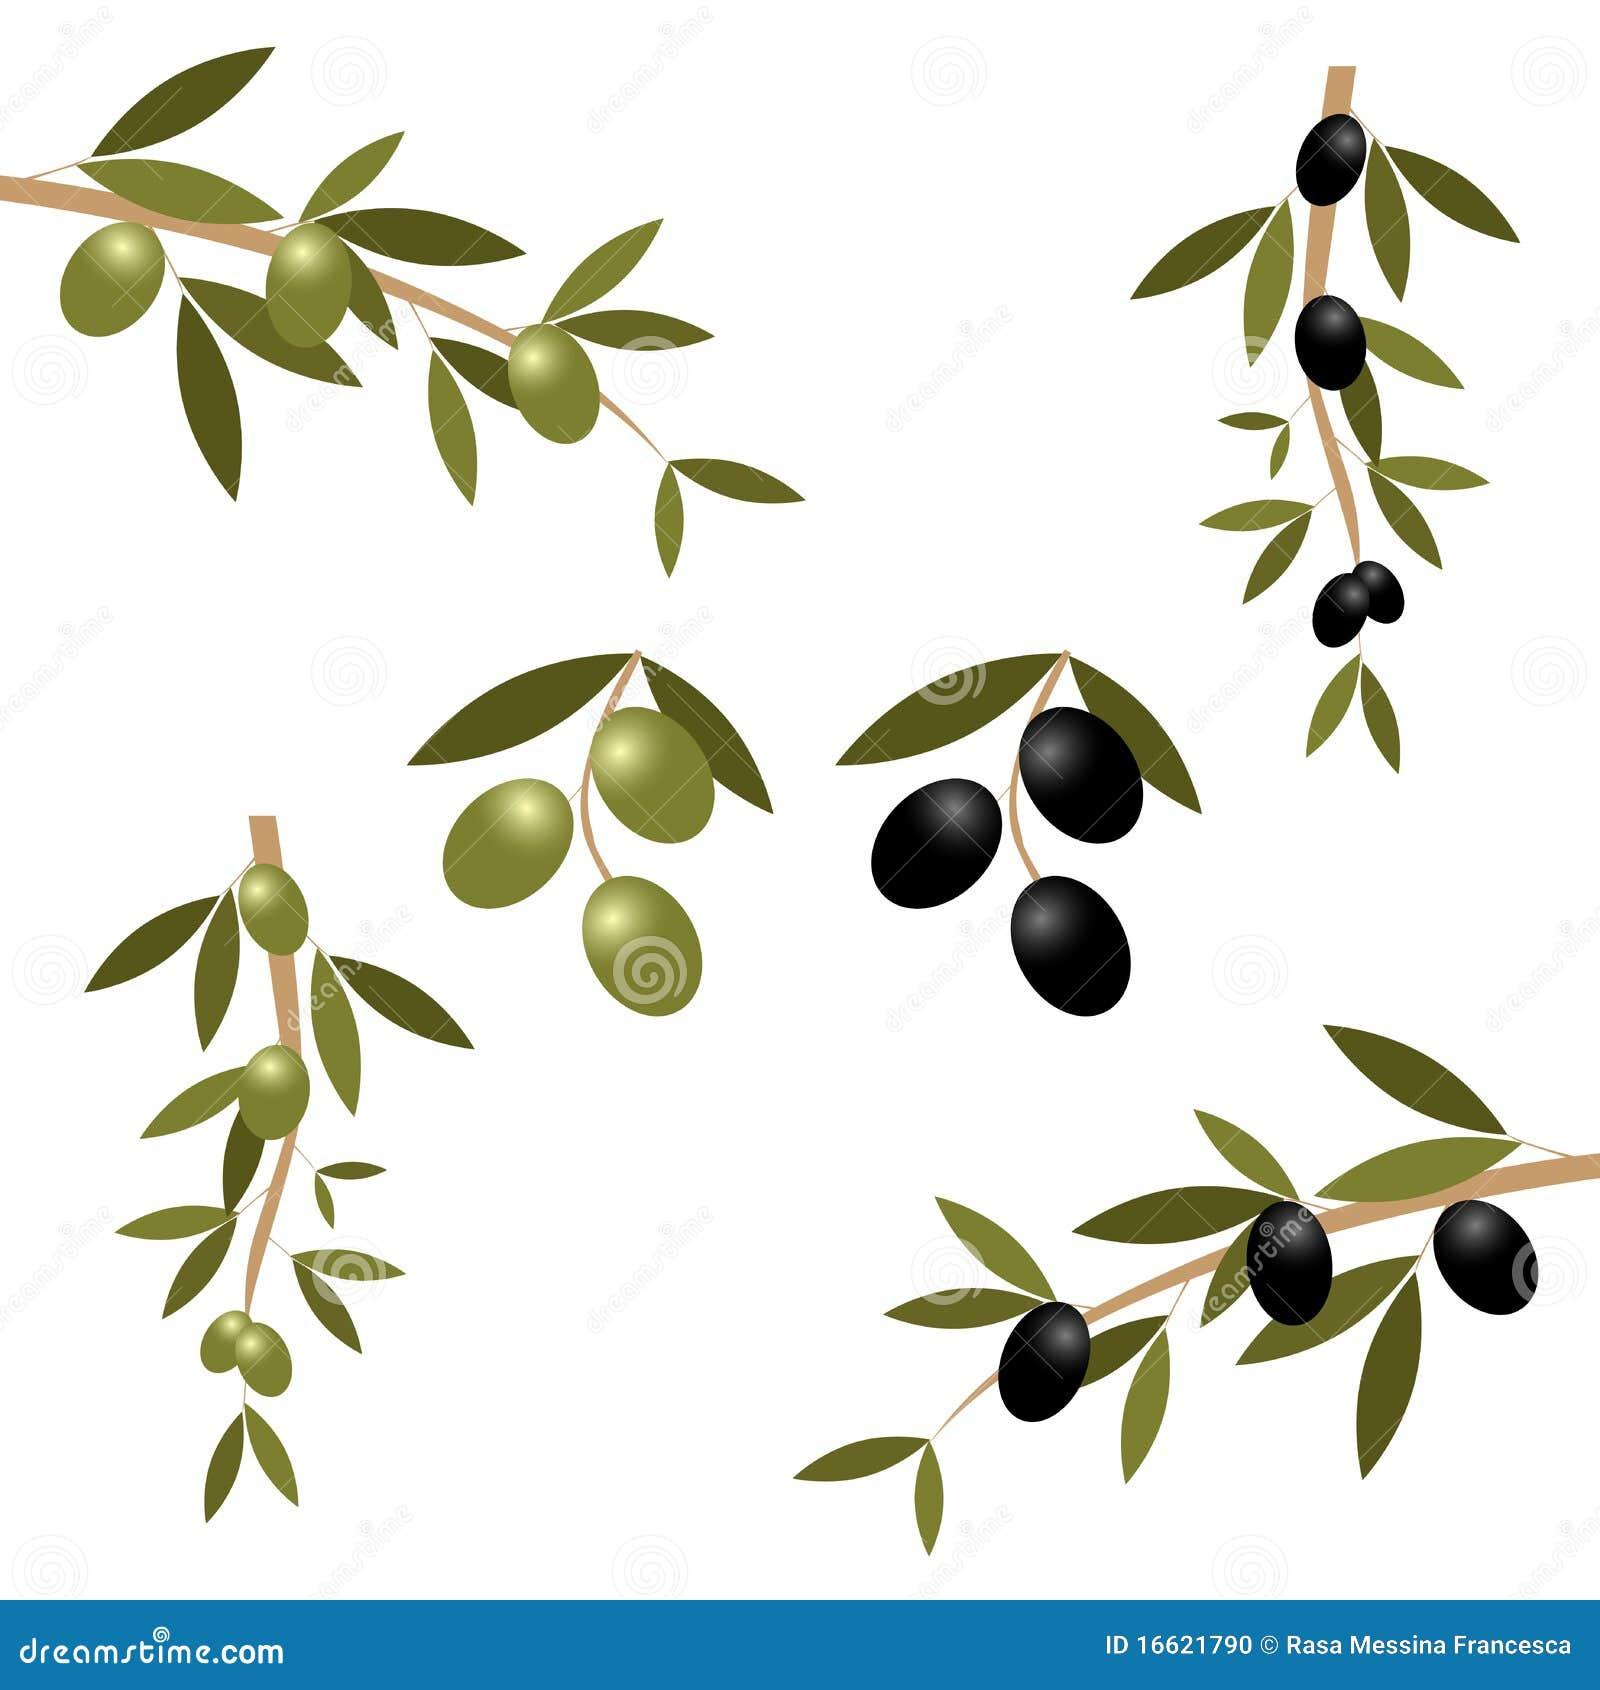 Rami di ulivo illustrazione vettoriale illustrazione di for Albero ulivo vettoriale